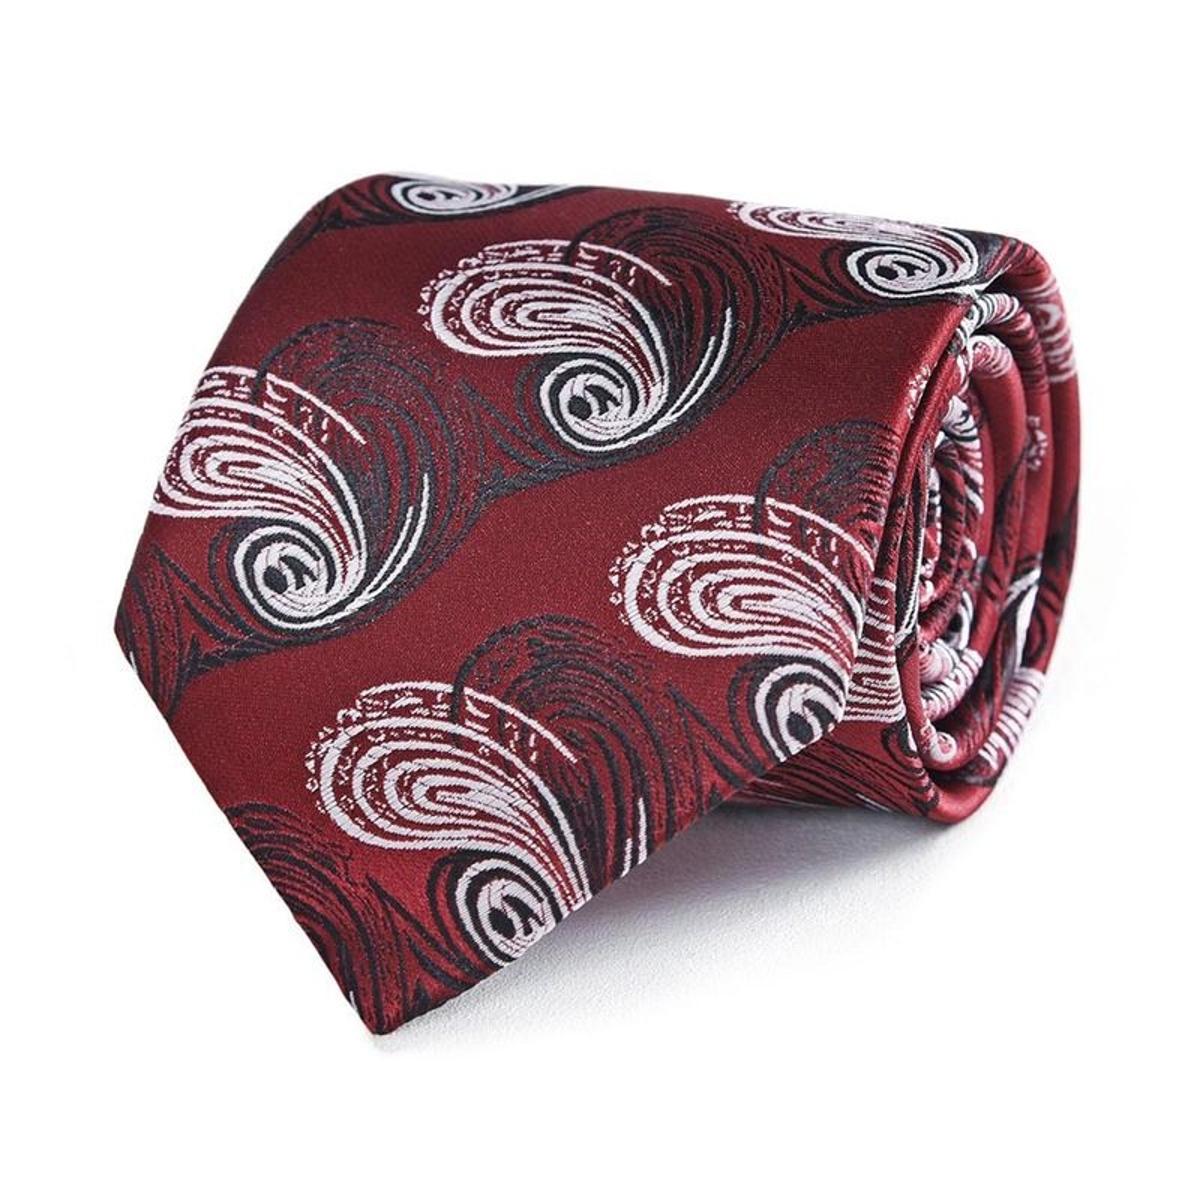 Cravate Atalante - Fabriqué en europe